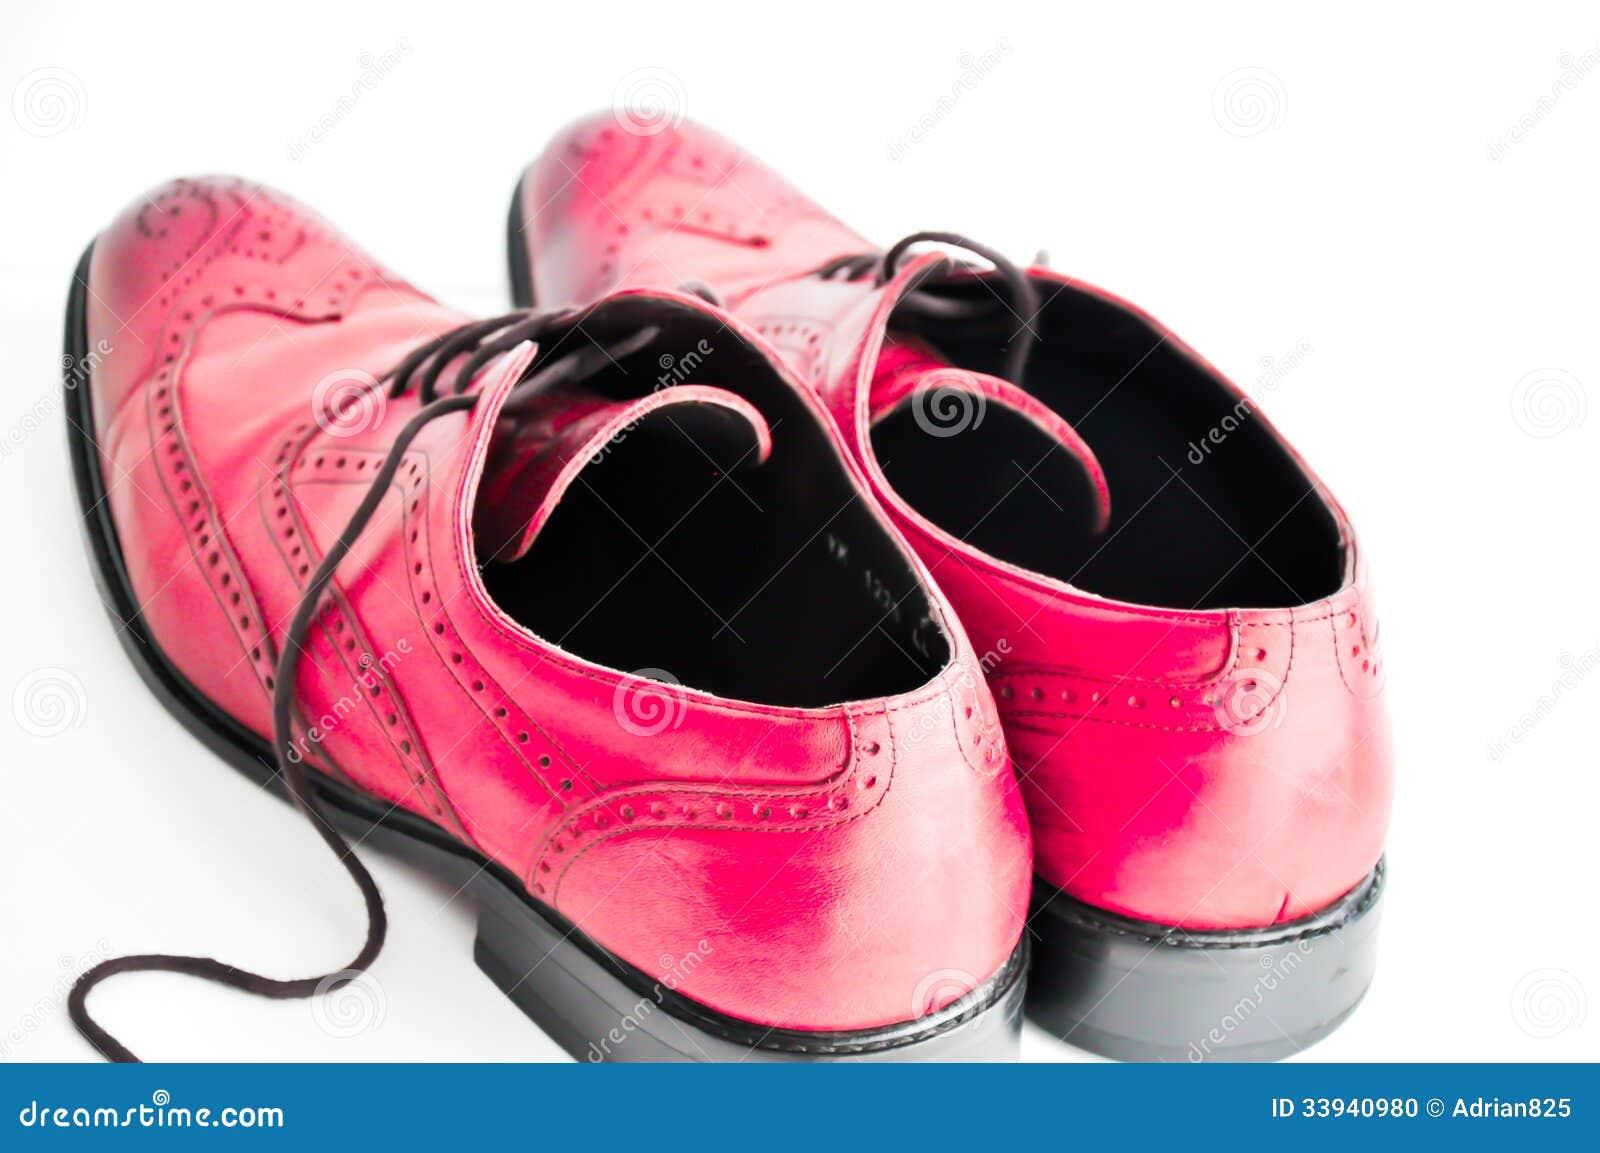 Zapatos rosas para hombre 87ETY6zYE